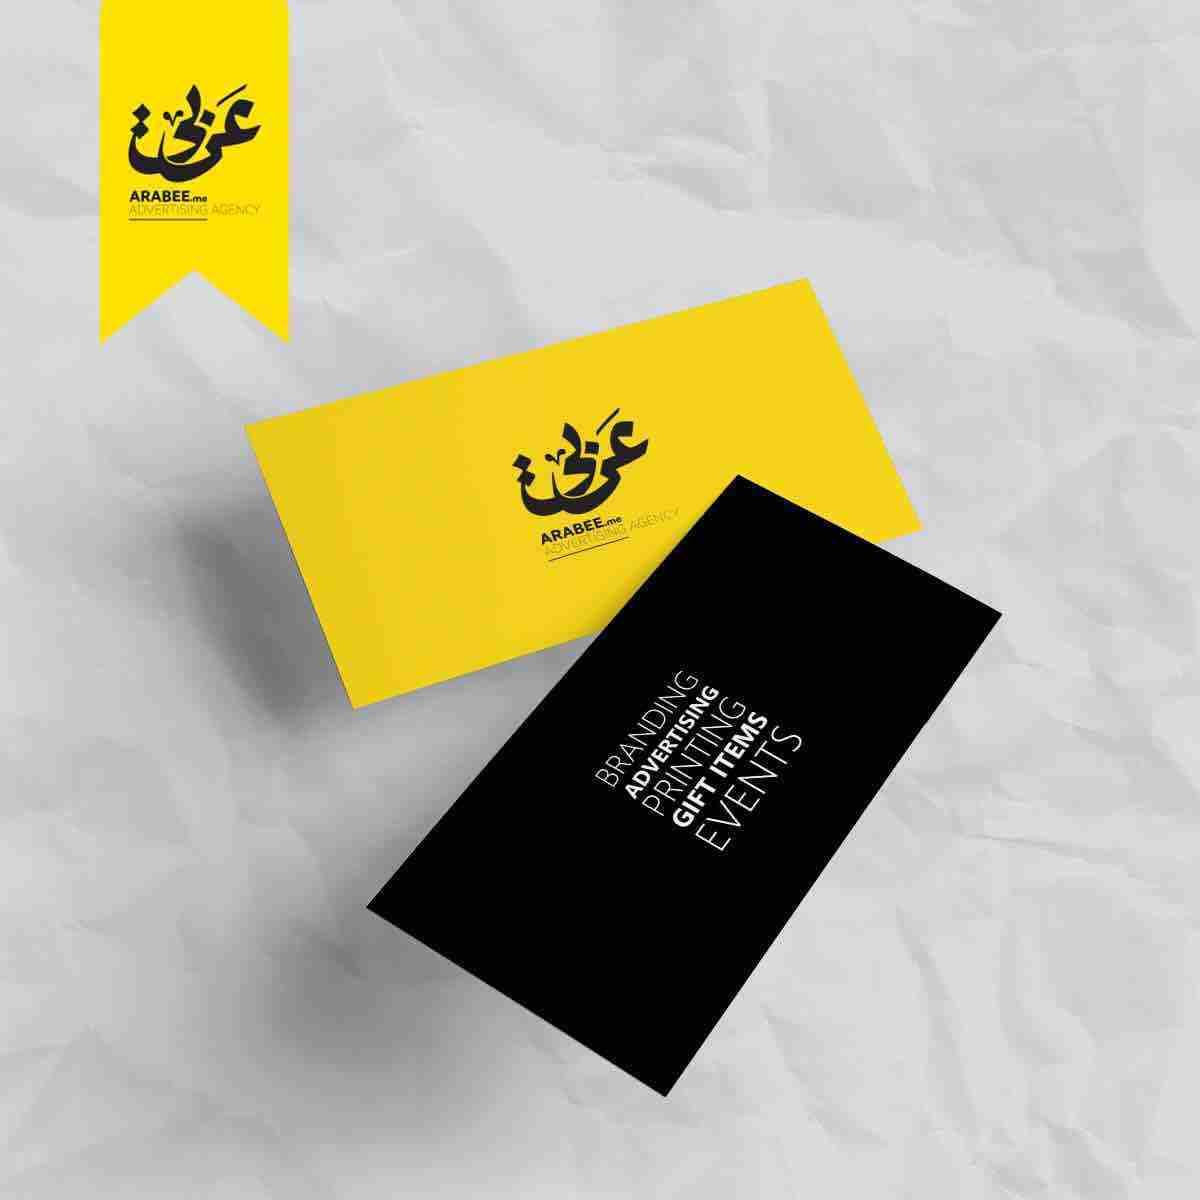 عربي للتصميم والطباعة  💥 بدك تصاميم غير وطباعة بدقة وجودة عالية...